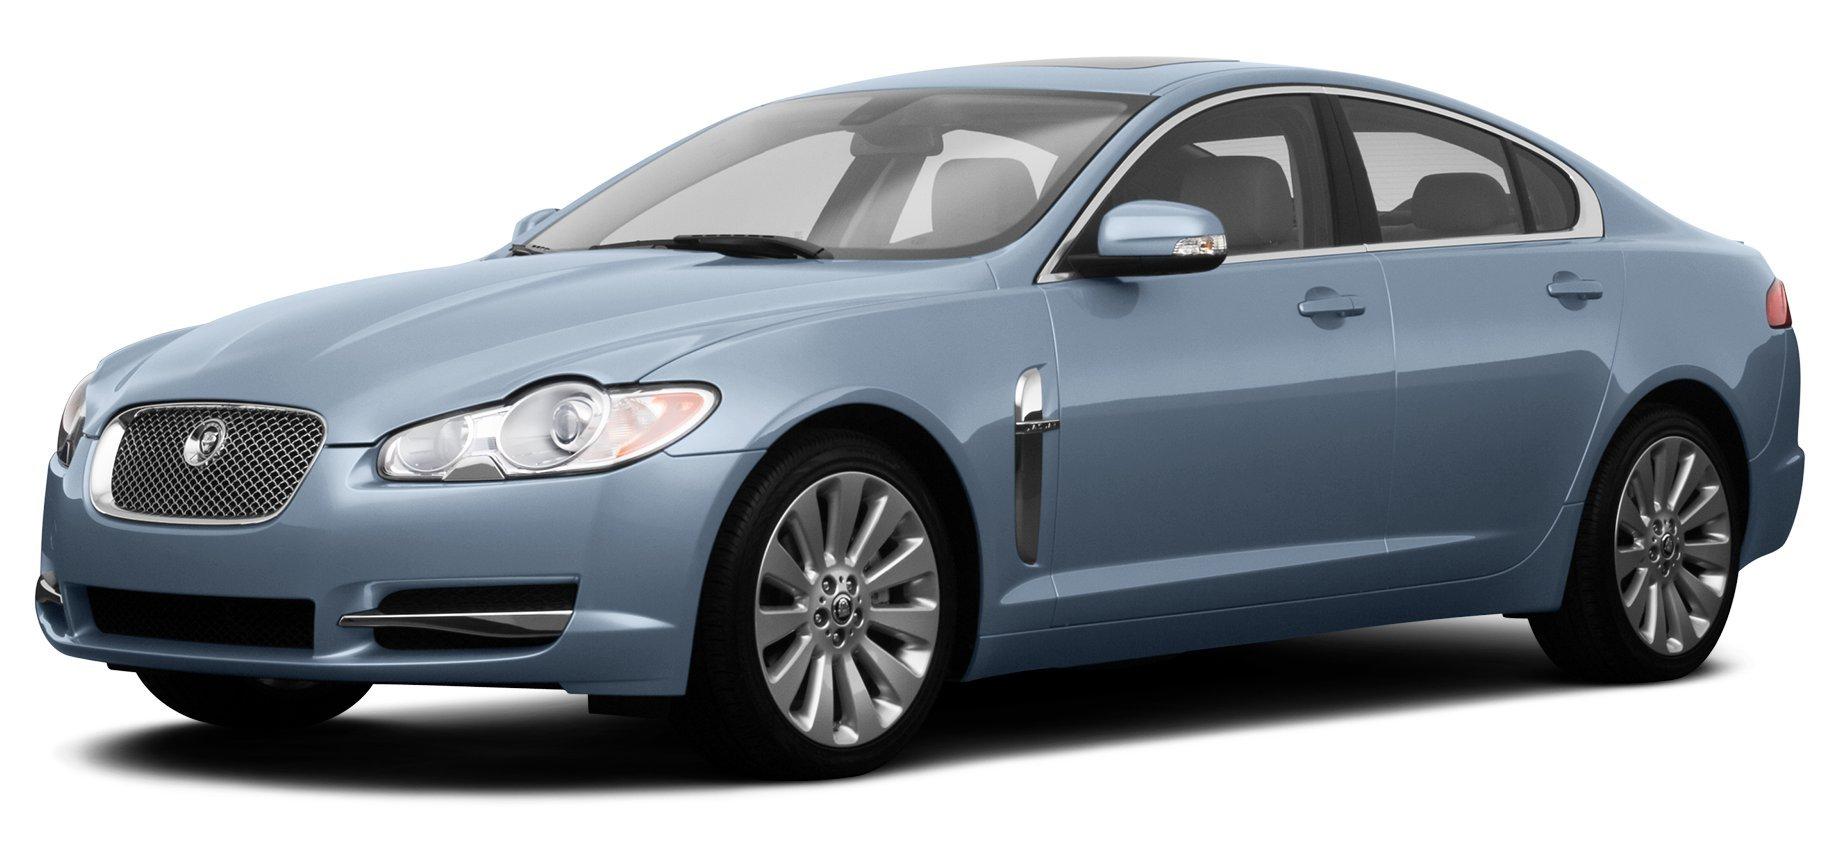 amazon com 2009 jaguar xf reviews images and specs vehicles rh amazon com 2015 Jaguar XF Supercharged 2009 Jaguar XF Supercharged 0-60